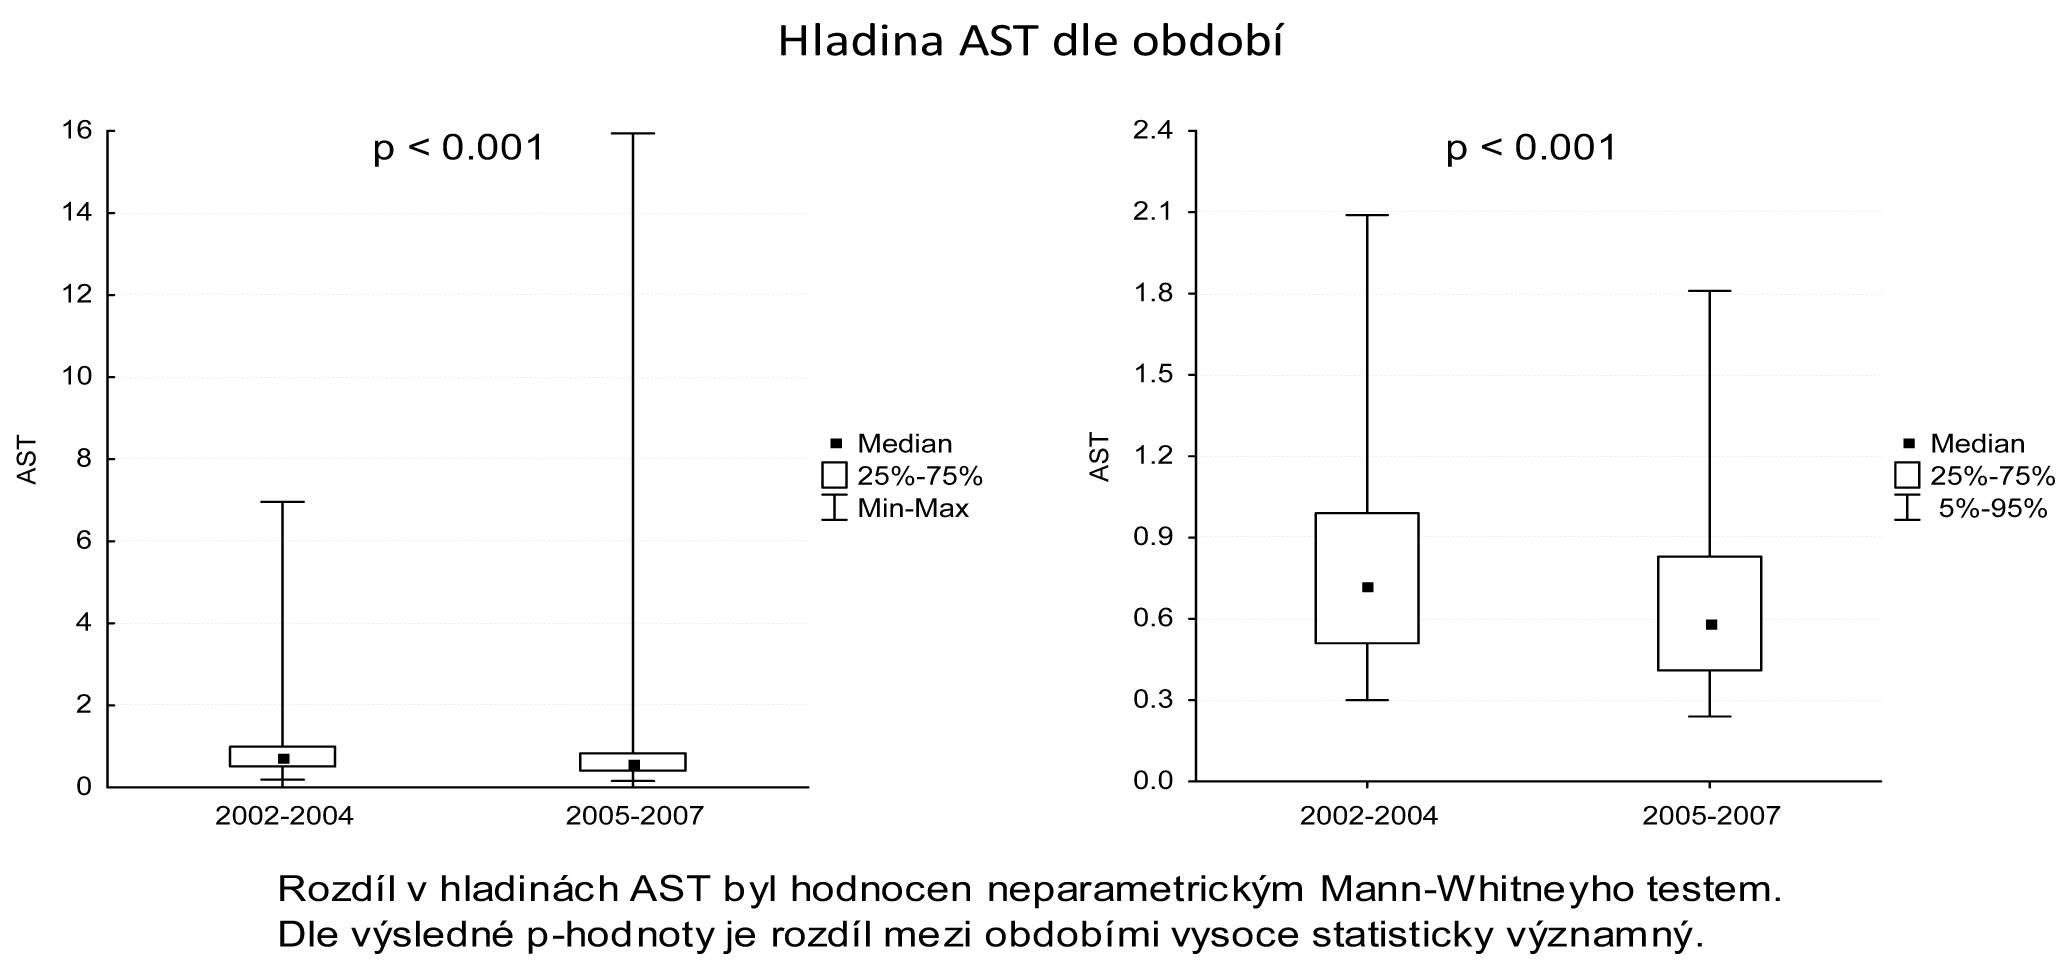 Srovnání pooperační elevace ALT Graph 3: Comparison of the post-operative ALT elevation rates